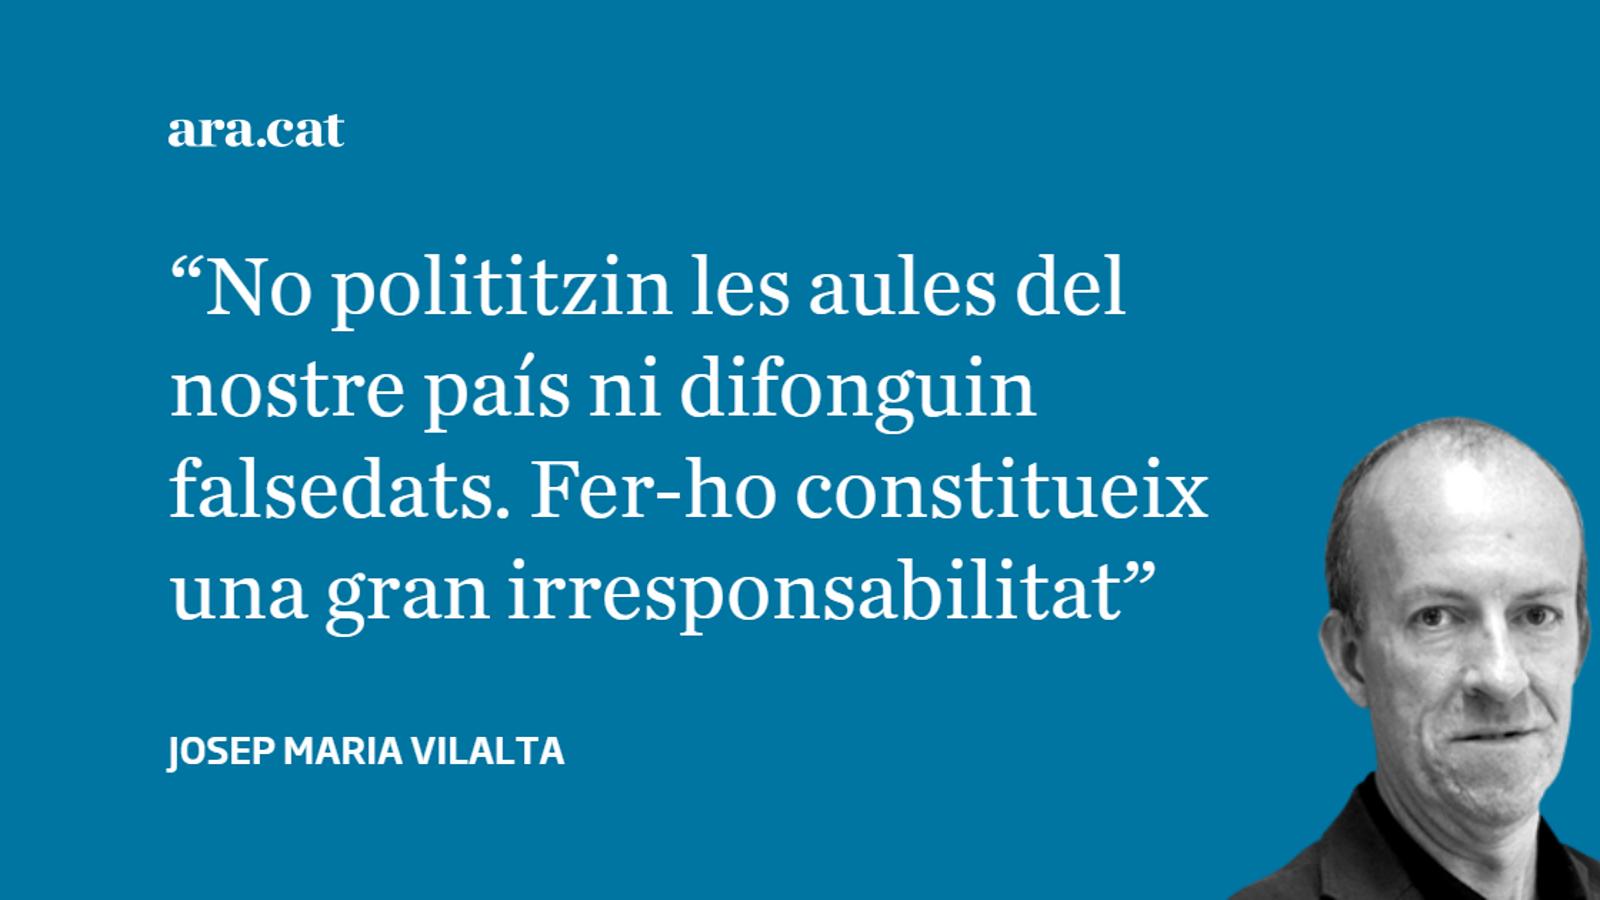 Carta oberta als qui creuen que  les escoles catalanes adoctrinen